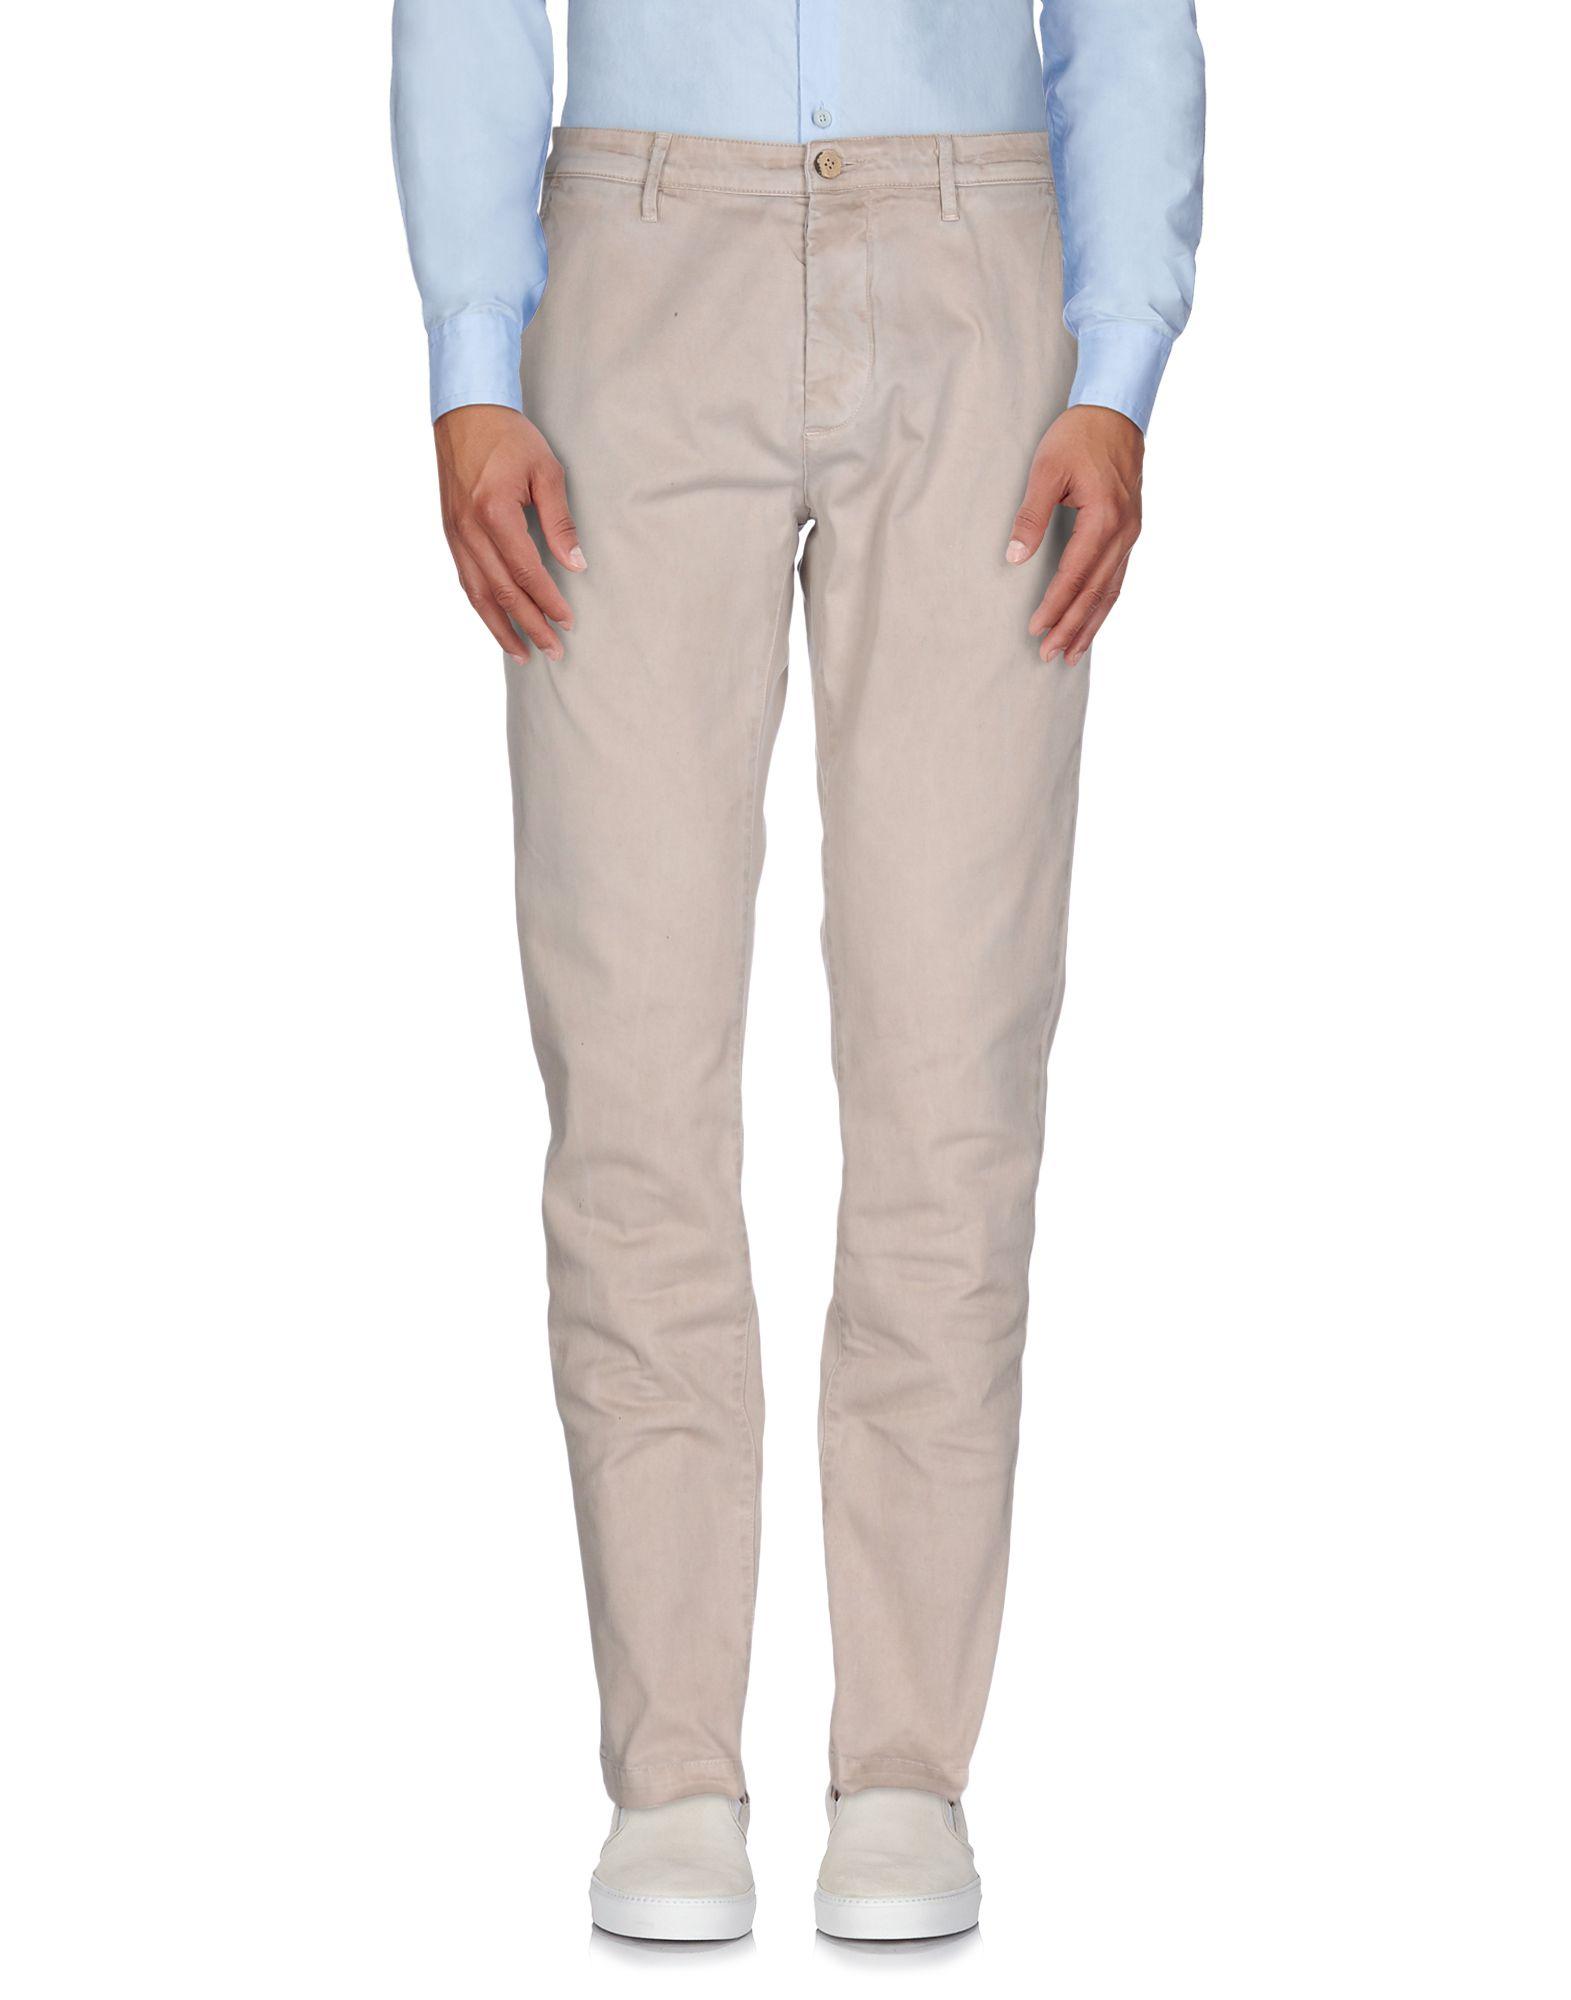 STIV19 Повседневные брюки 19 70 genuine wear повседневные брюки